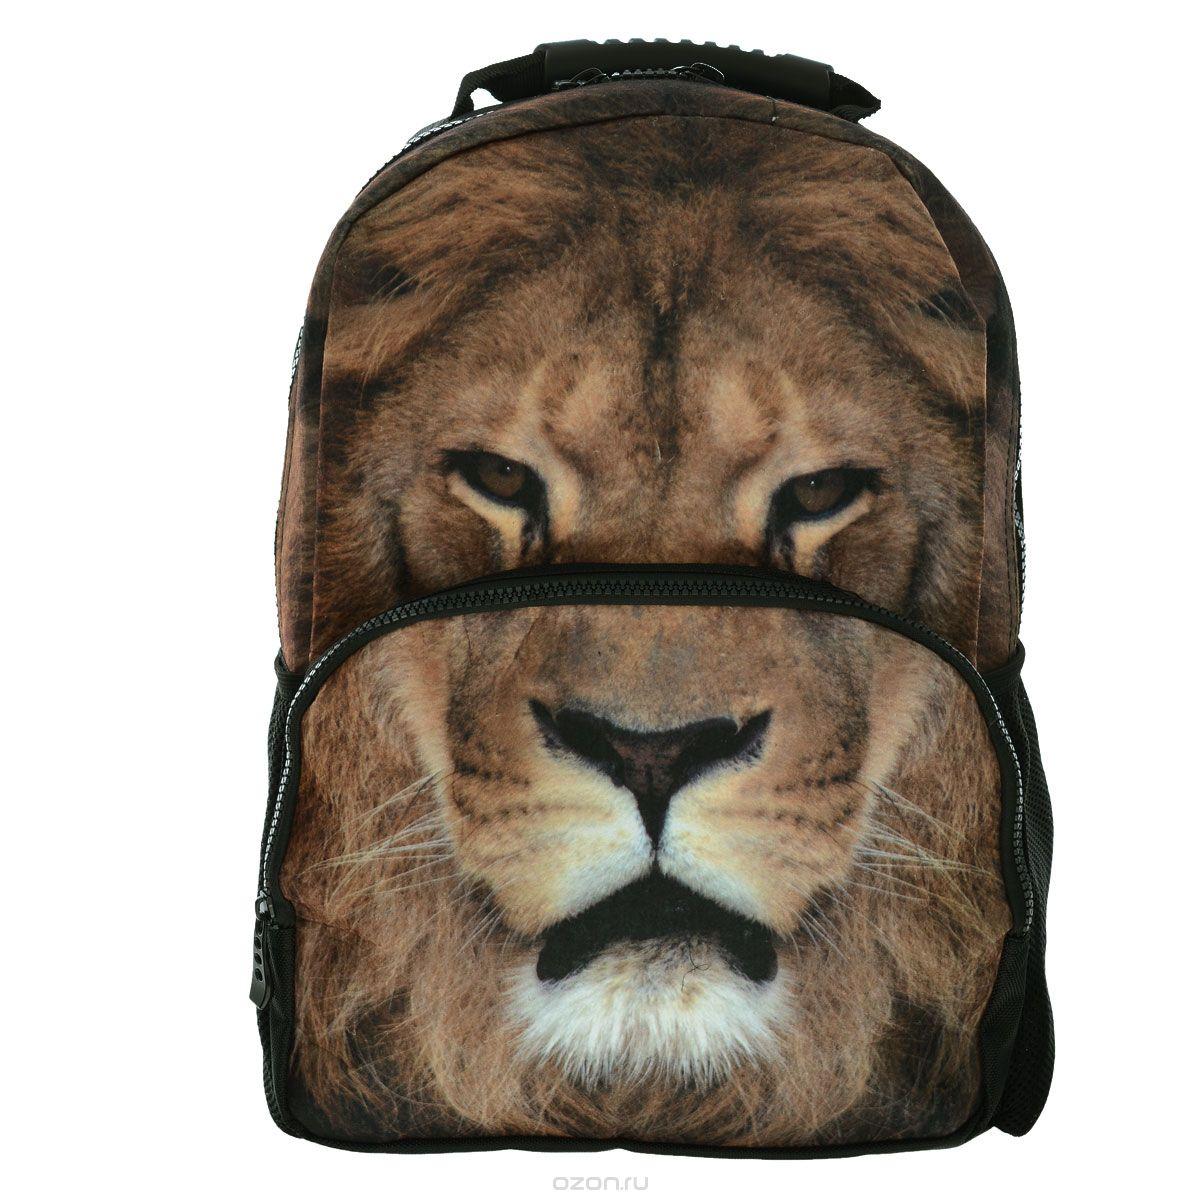 Рюкзак школьный Trend Line Lion, цвет: черныйSVCB-RT2-896Стильный школьный рюкзак Trend Line выполнен из полиэстера, дополнен вставкой из флиса, которая оформлена художественной печатью с изображением Lion.Рюкзак имеет одно основное отделение, закрывающееся на застежку-молнию. Снаружи, на лицевой стороне, рюкзака размещен накладной карман на молнии, внутри которого предусмотрен еще один накладной карман на липучке. С двух сторон изделия расположены два накладных сетчатых кармашка. В верхней части изделия предусмотрена эргономичная ручка для переноски, а также предусмотрены регулируемые лямки.Такой рюкзак станет незаменимым спутником вашего ребенка в походах за знаниями.